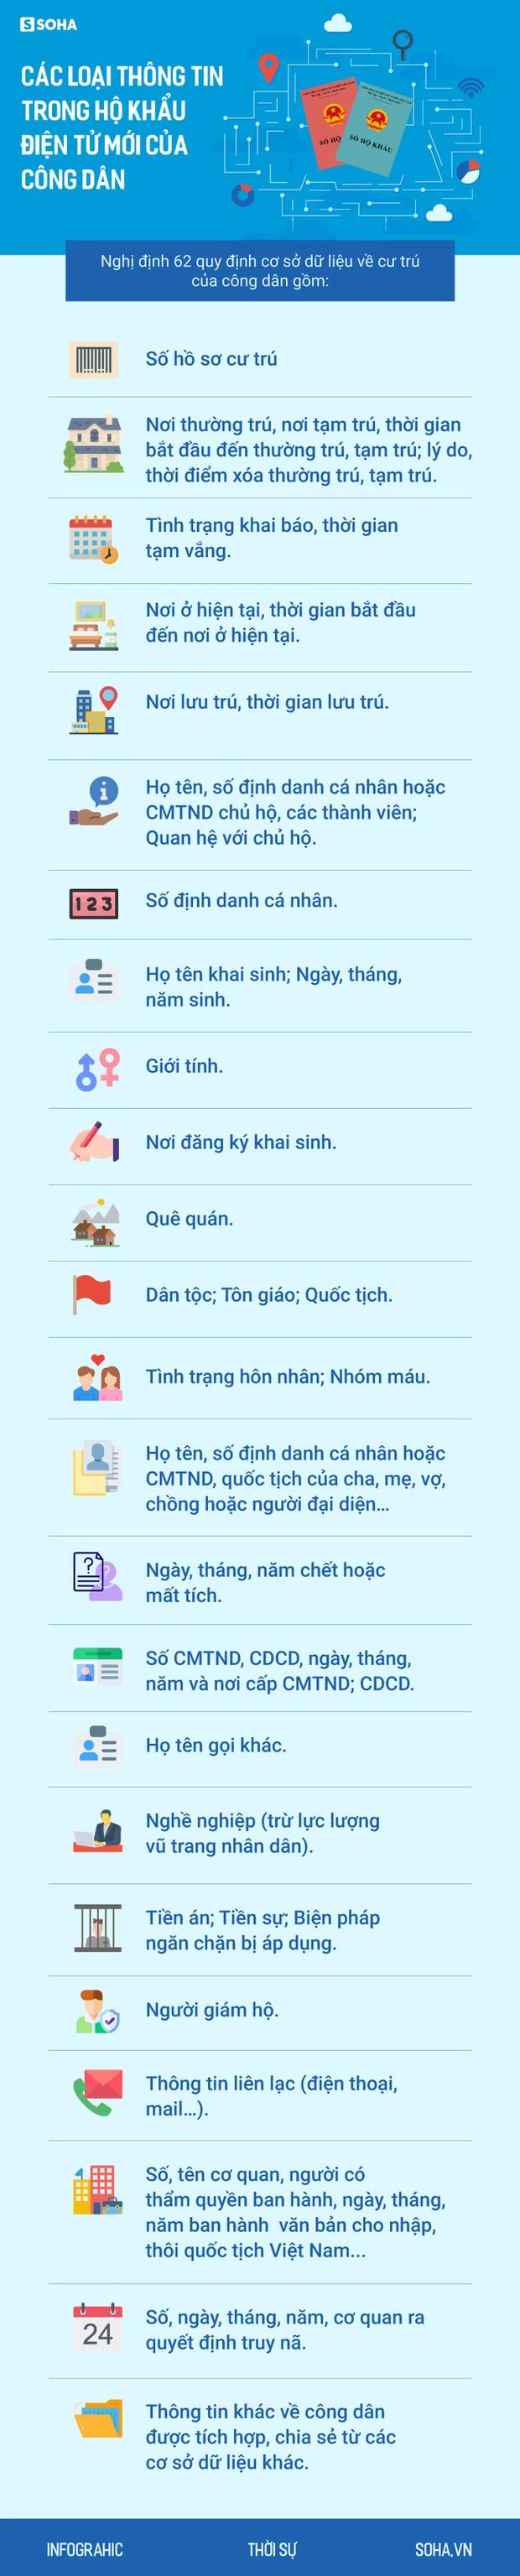 NÓNG: Các loại thông tin cần biết trong hộ khẩu điện tử mới của công dân - Ảnh 1.